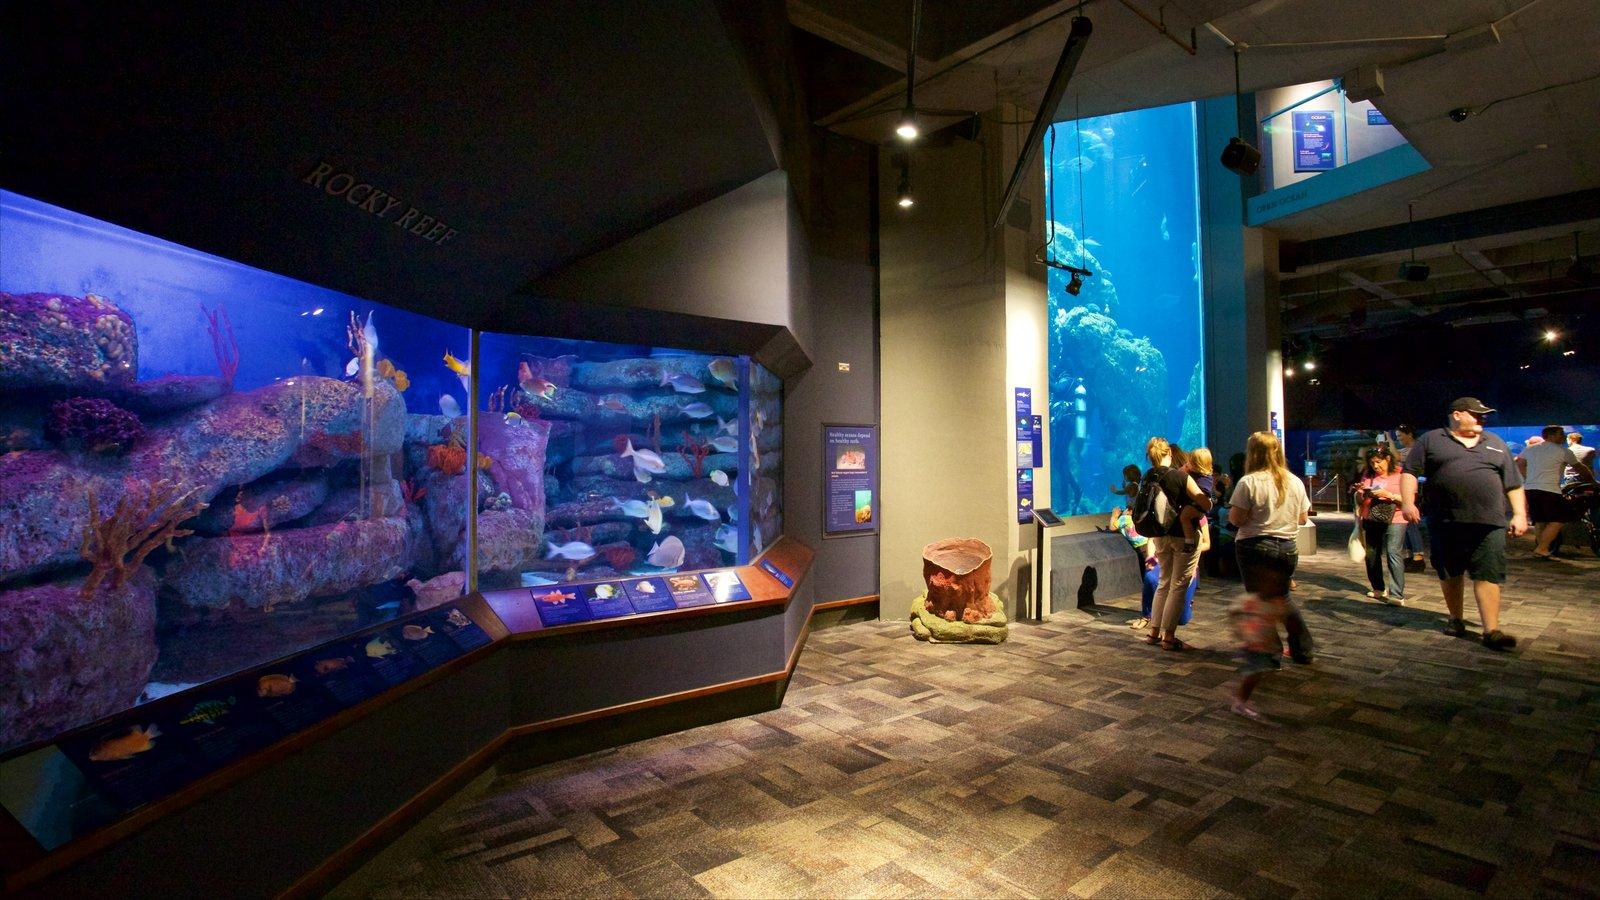 South Carolina Aquarium mostrando vistas internas e vida marinha